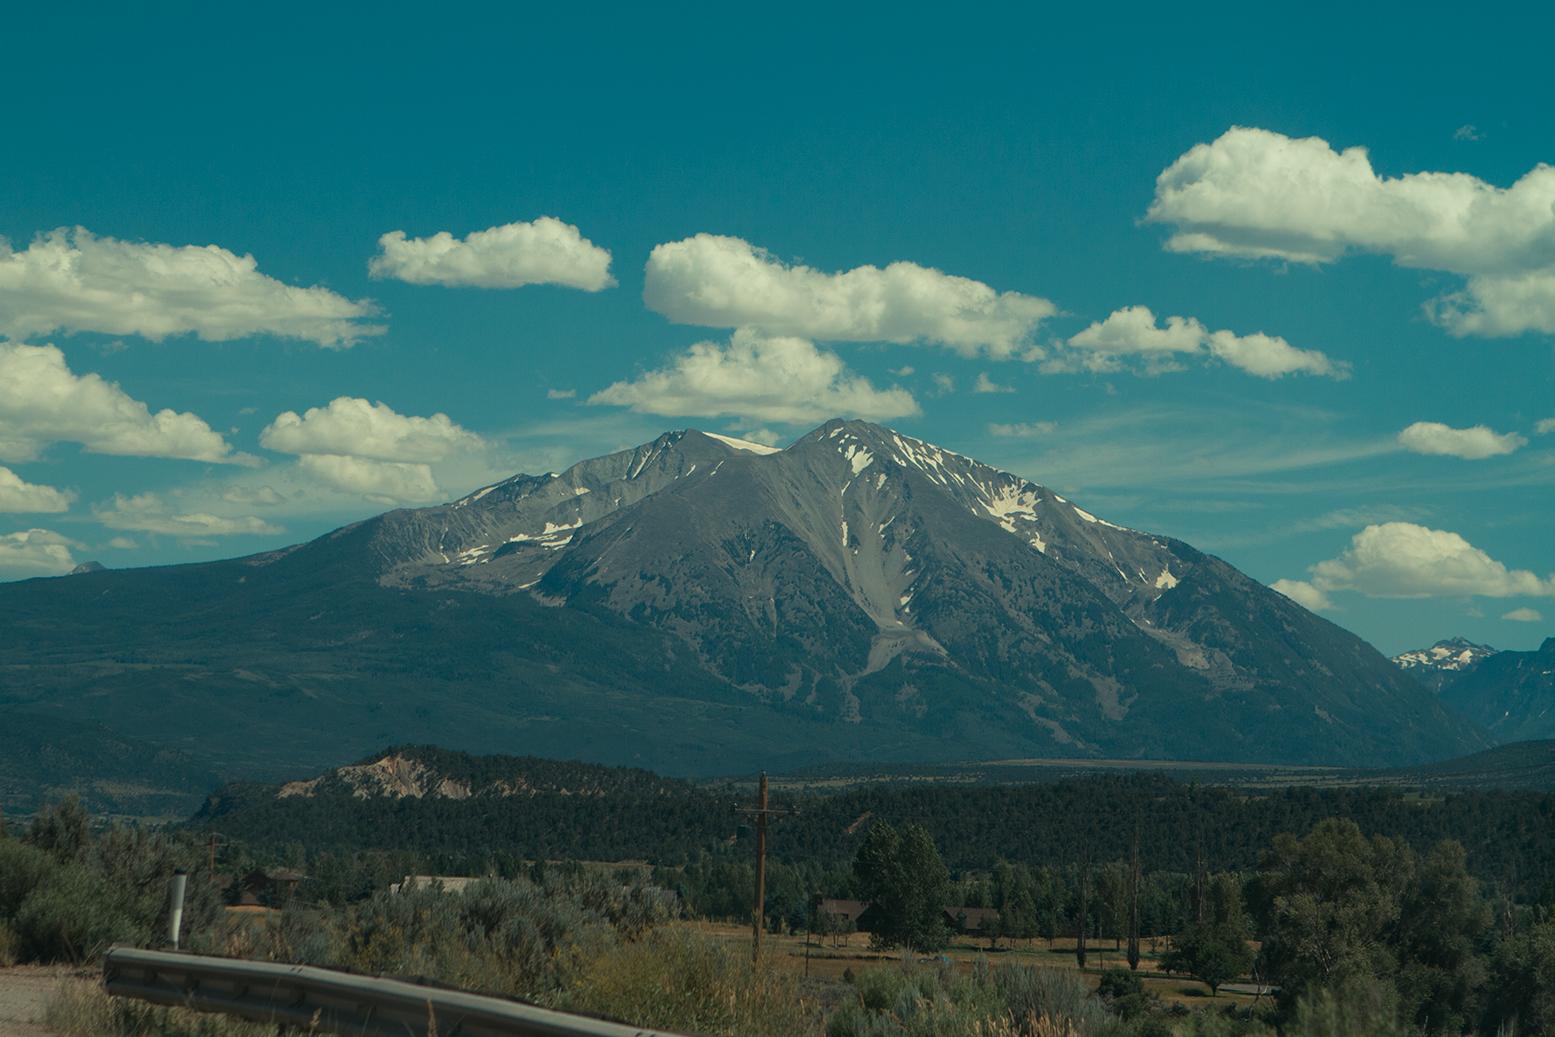 RhodesWeddingCo_Blog_Colorado_01.jpg